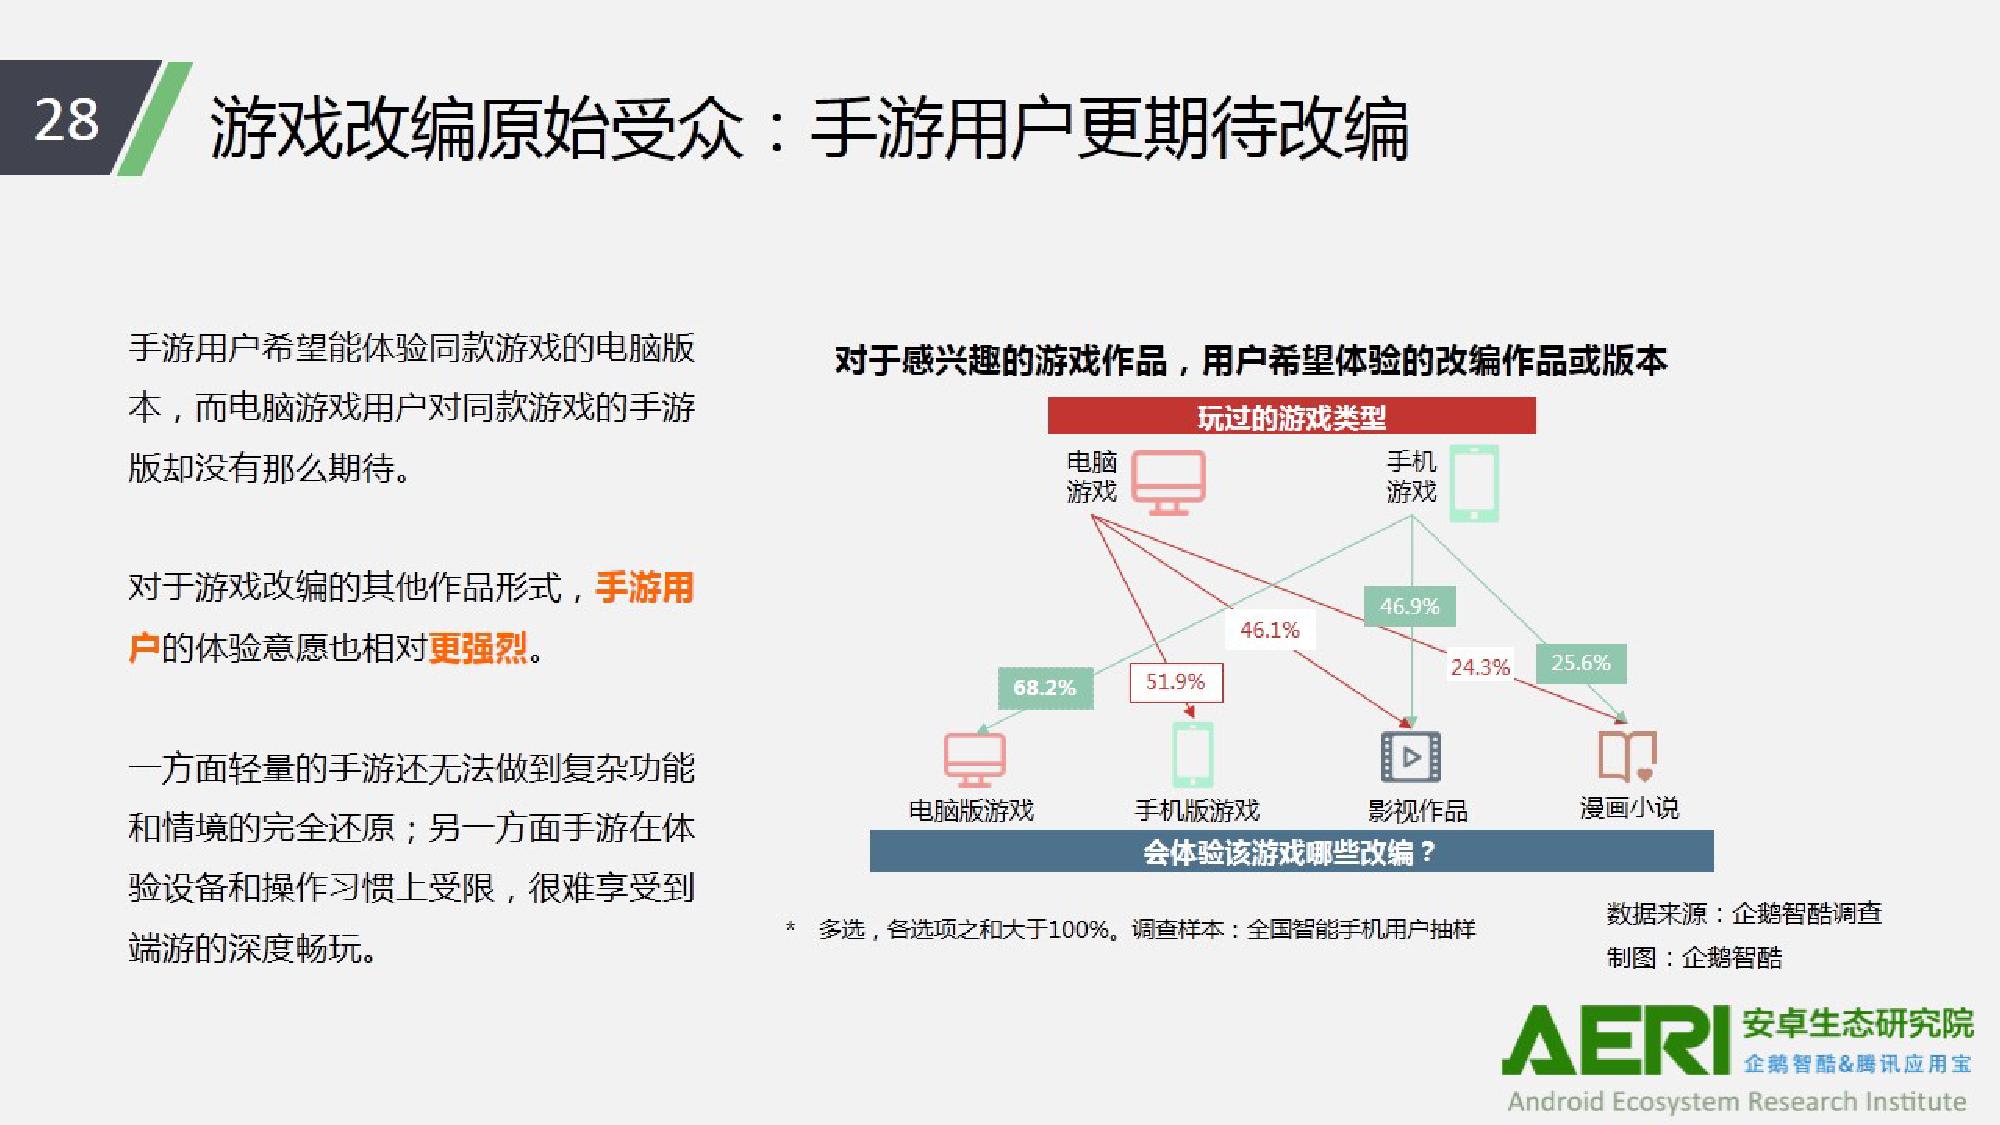 中国手游行业2016大数据报告_000029